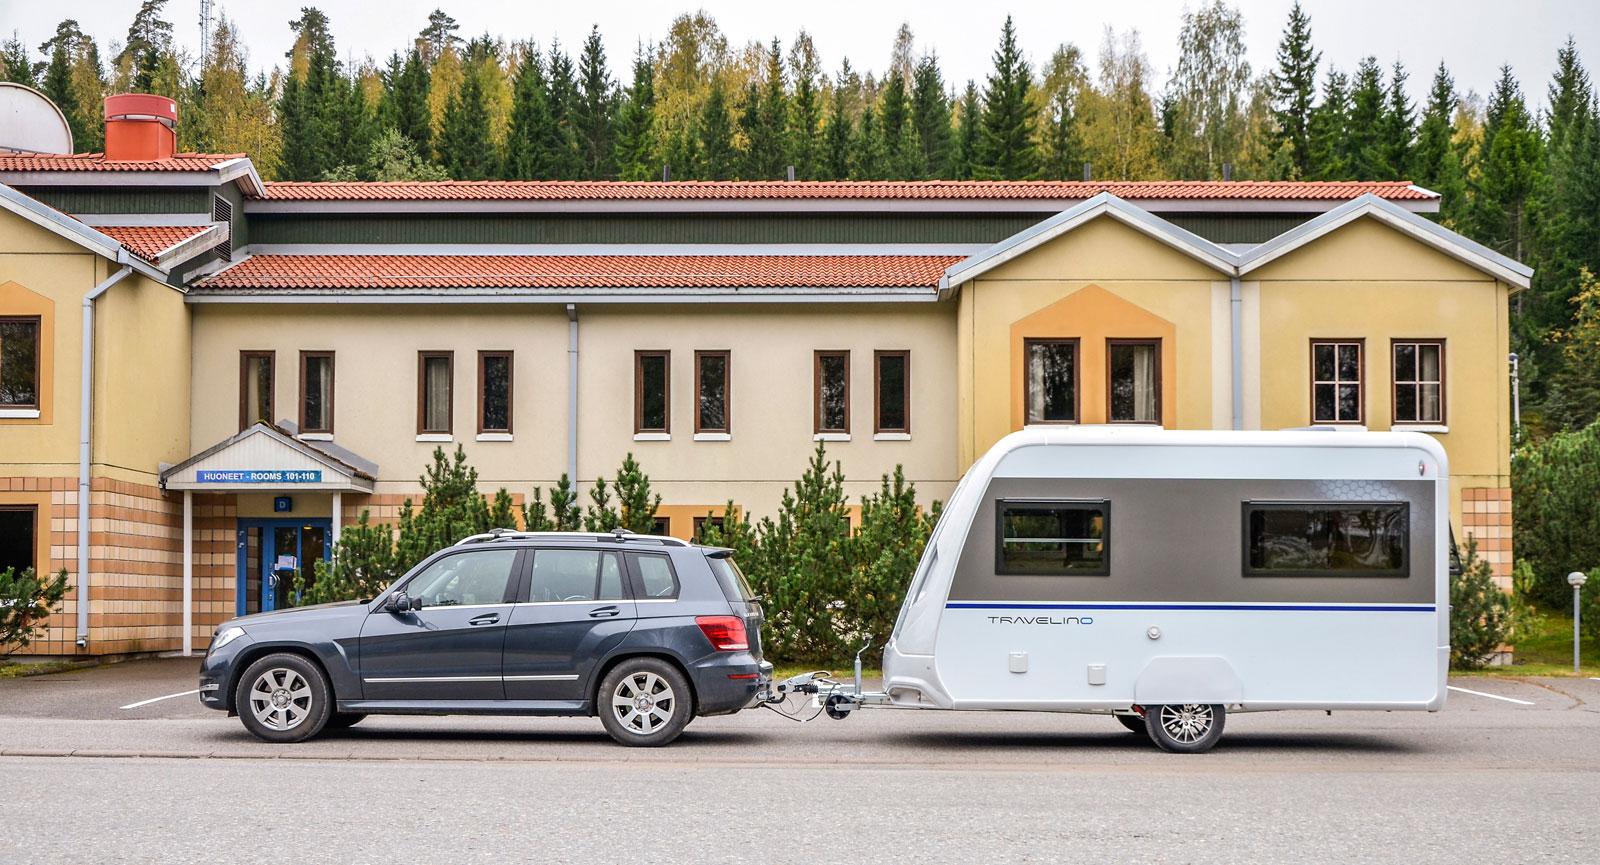 Travelino har en hög och upprät front. Detta ger ett stort luftmotstånd vilket i sin tur ökar bränsleförbrukningen.